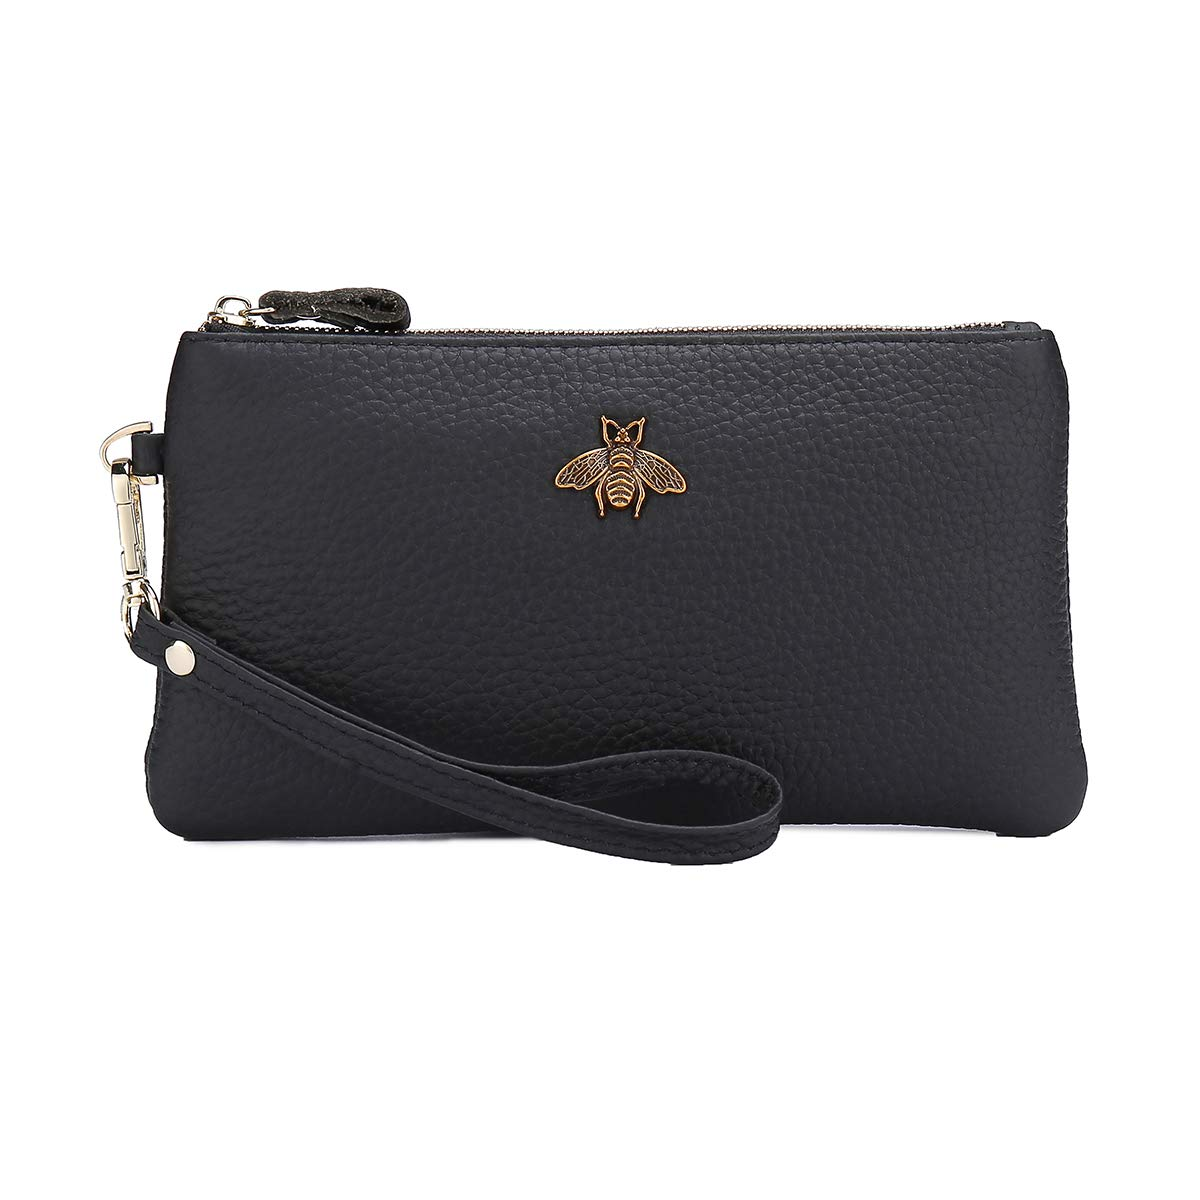 imeetu Women's Wristlet Wallet Leather Clutch Purse with Wrist Strap